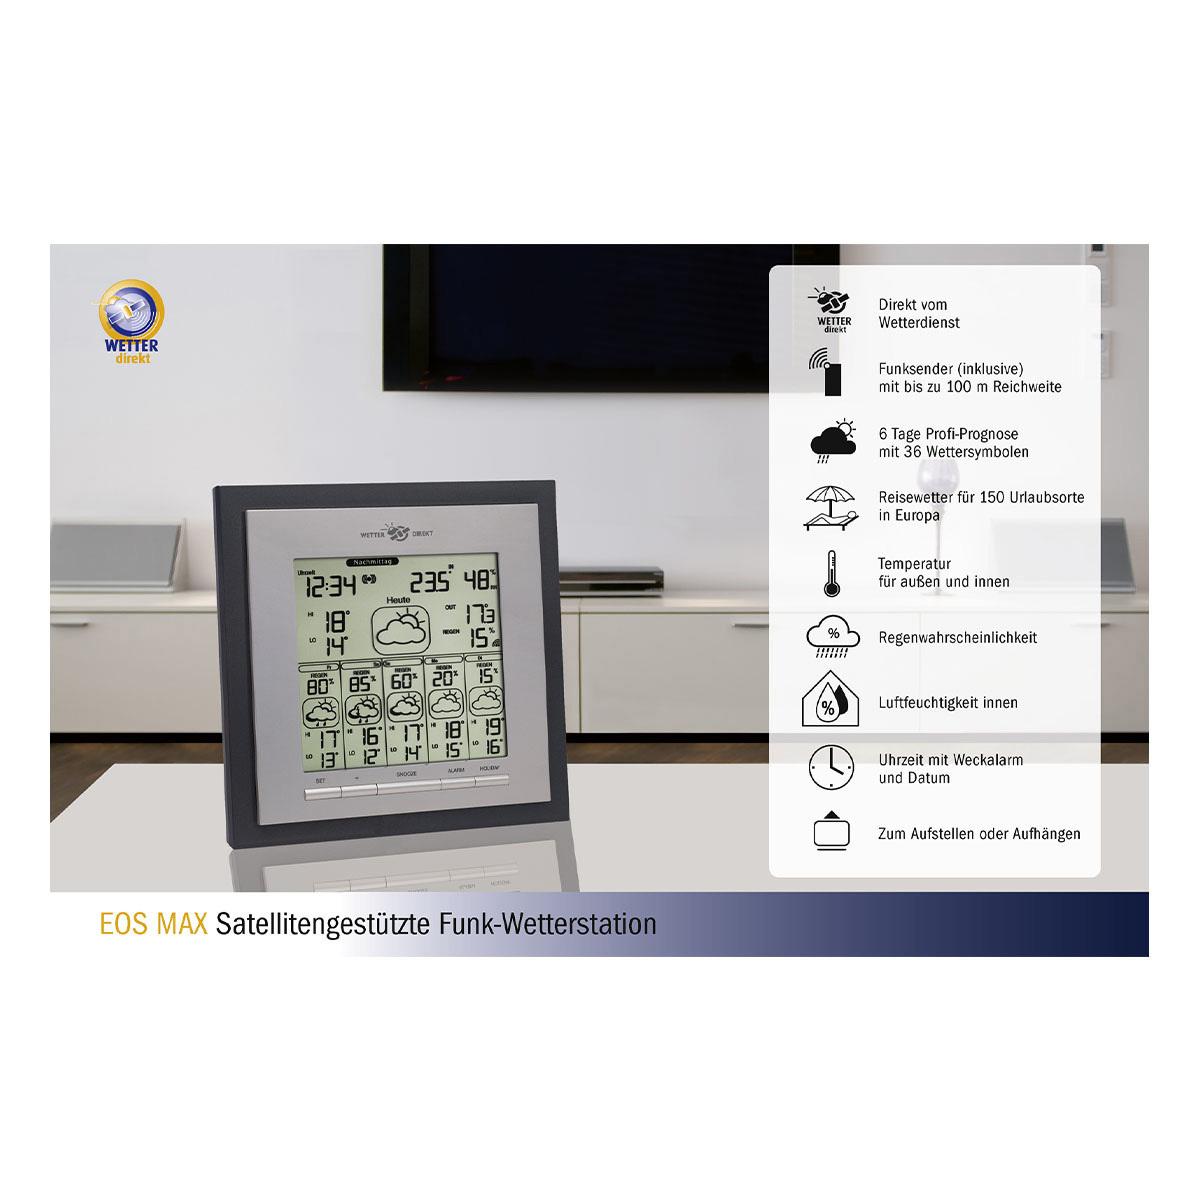 35-5015-10-it-satellitengestützte-funk-wetterstation-eos-max-icons-1200x1200px.jpg